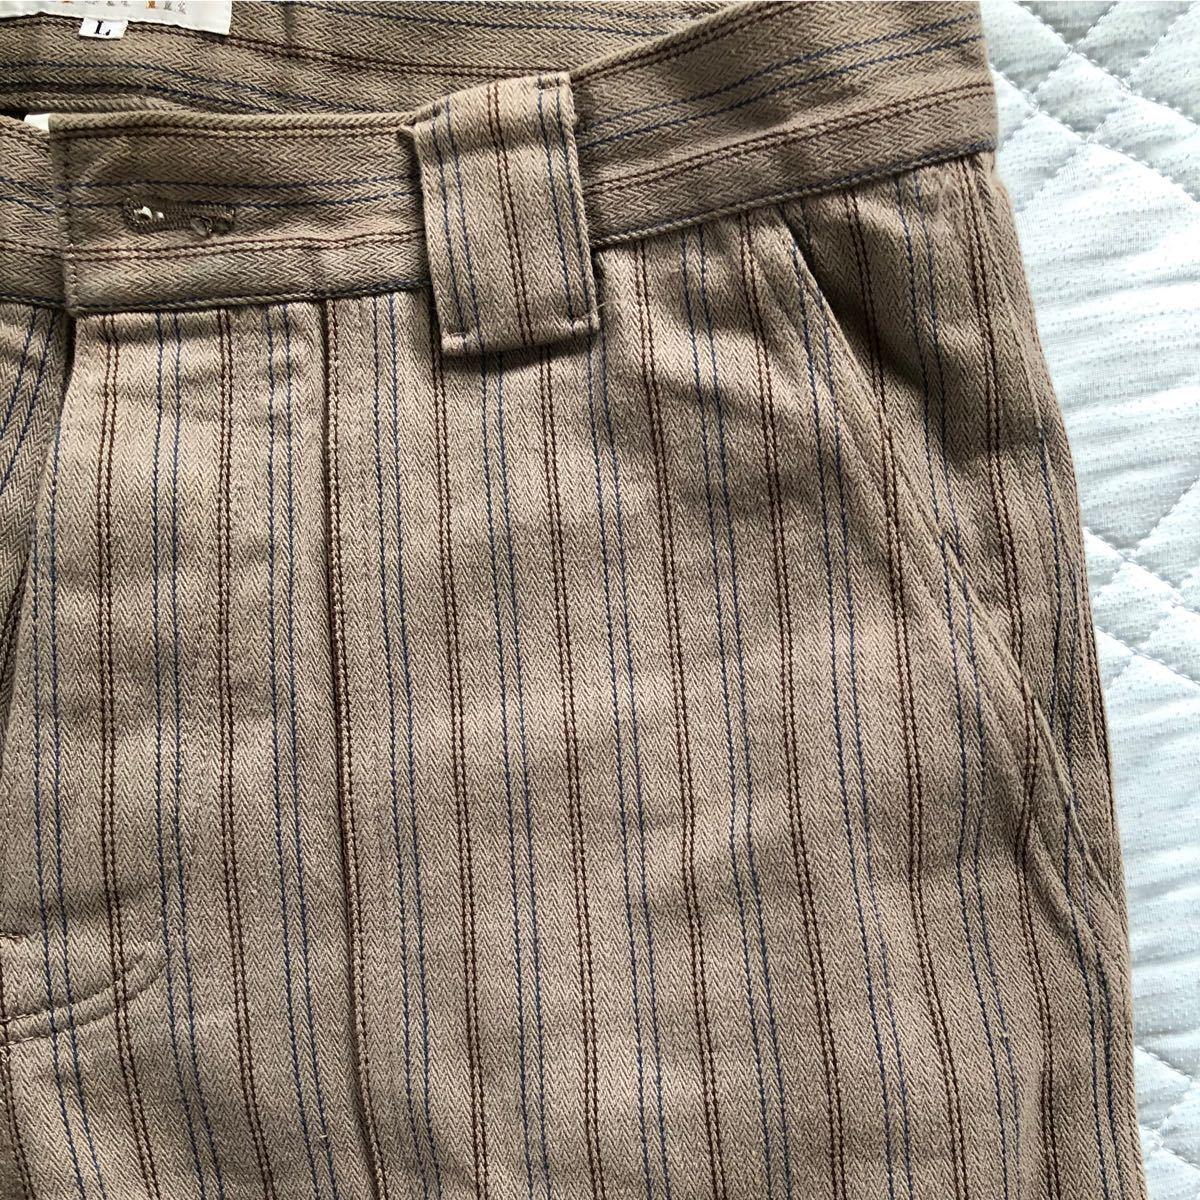 ワークパンツ、裾幅が広いヴィンテージスタイル